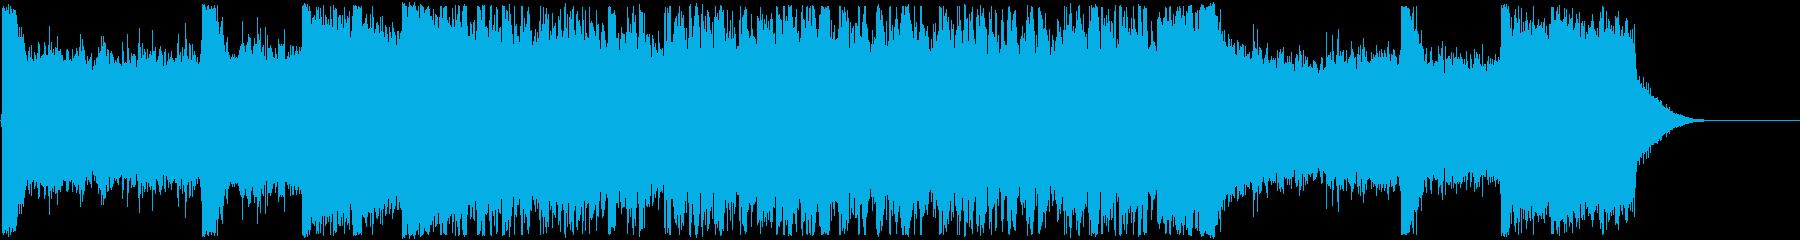 ゲーム・モンハンのようなかっこいいOPの再生済みの波形